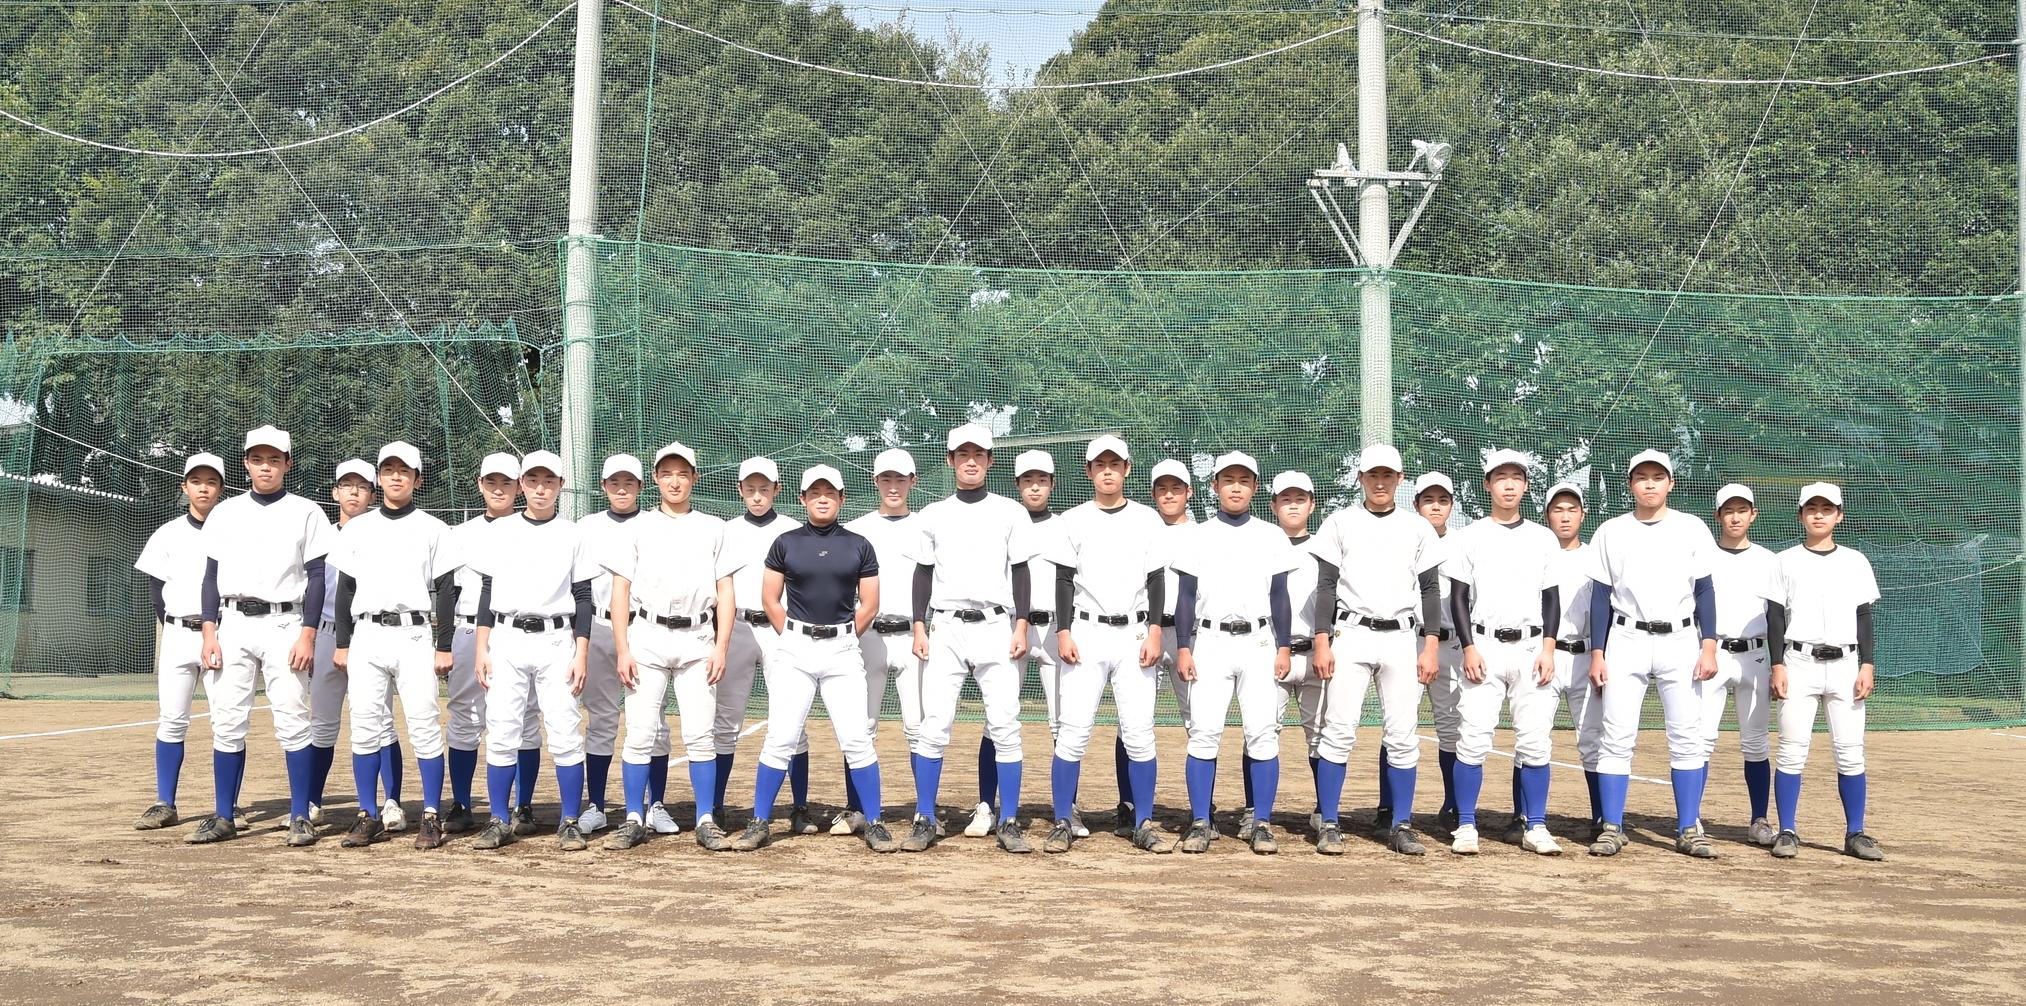 【小山 野球部】「伝統のチカラ」 #小山